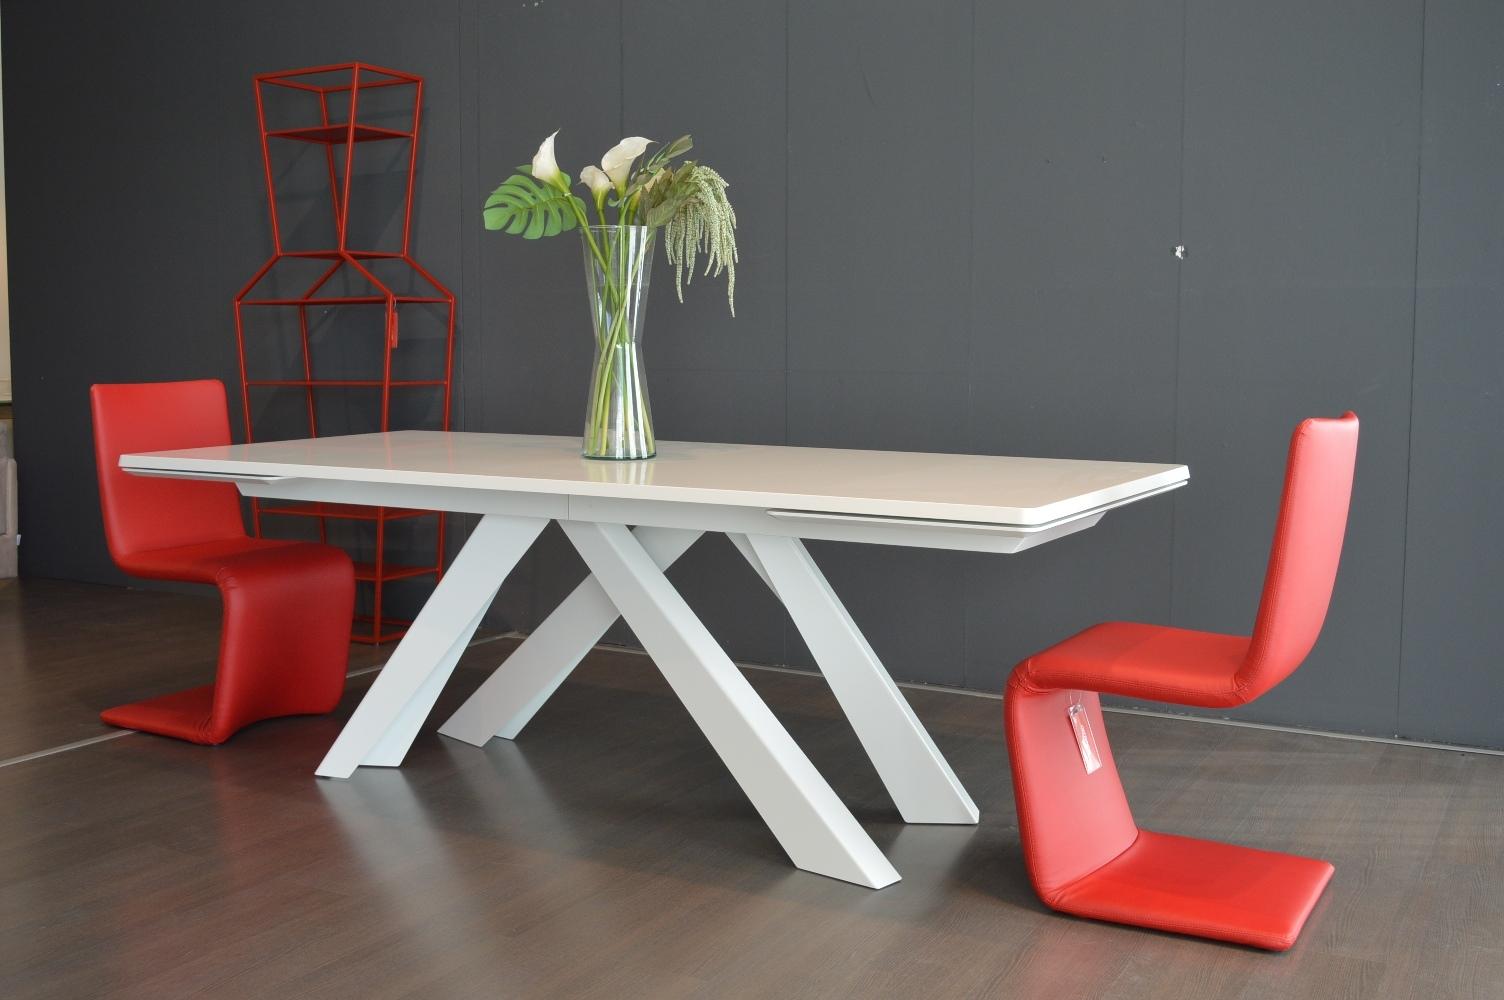 Tavolo bonaldo big table allungabile tavoli a prezzi scontati - Tavolo bonaldo big table ...